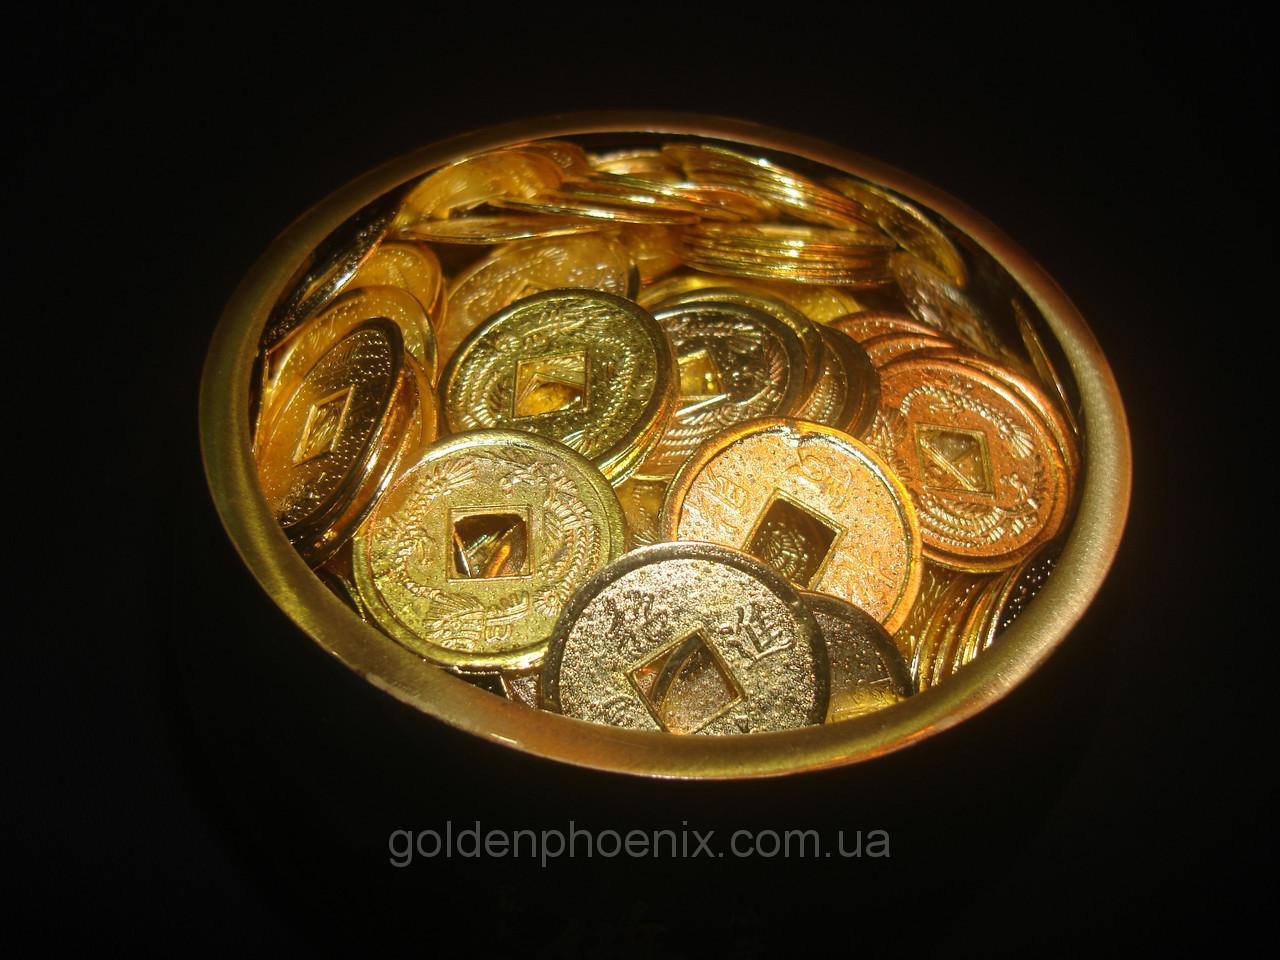 Монета золото фен-шуй 15